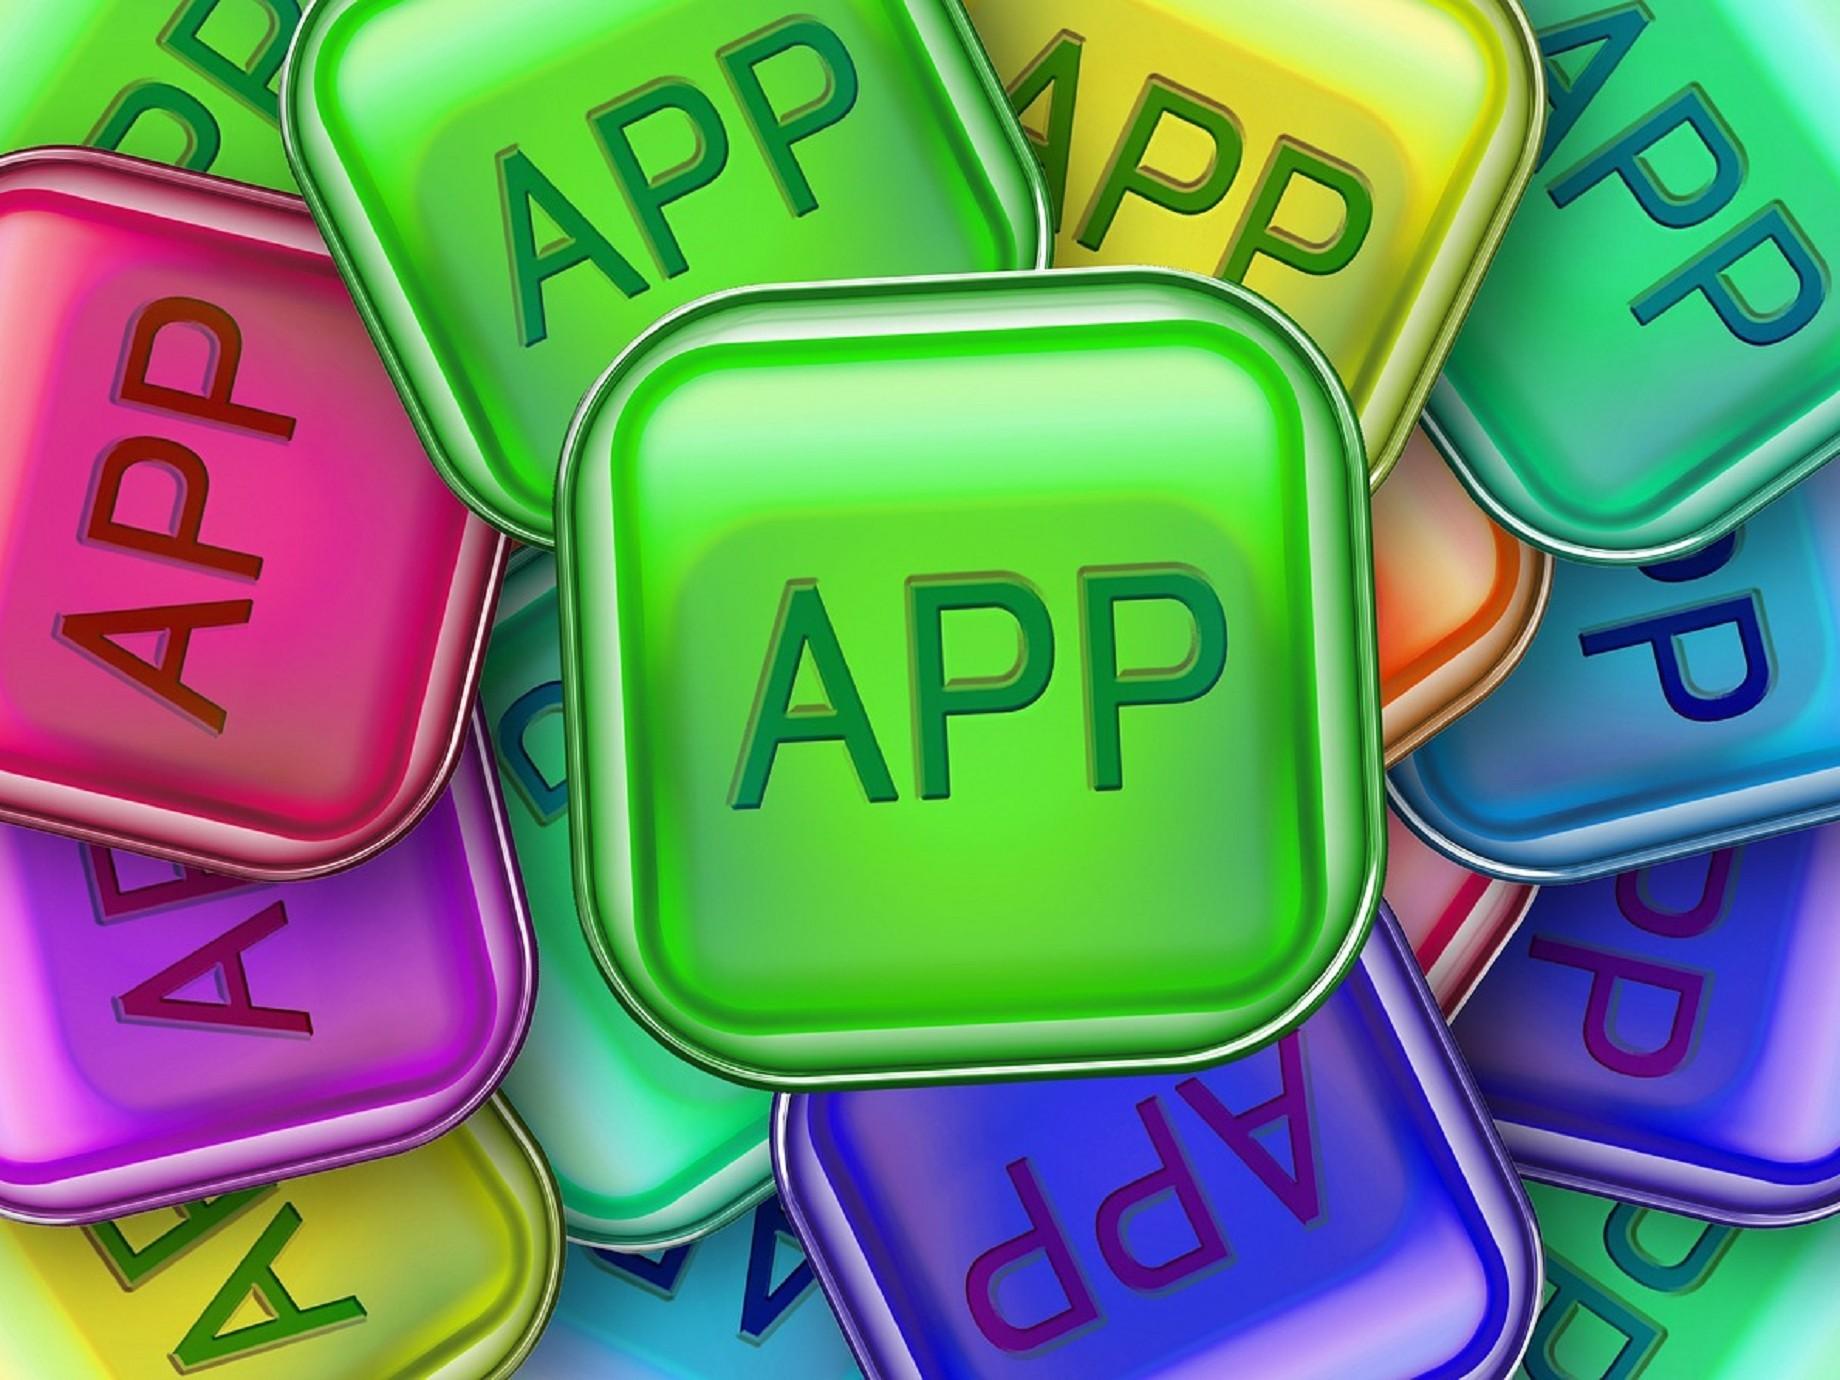 行動商務時代,Google 研究員說 app 應該這樣做